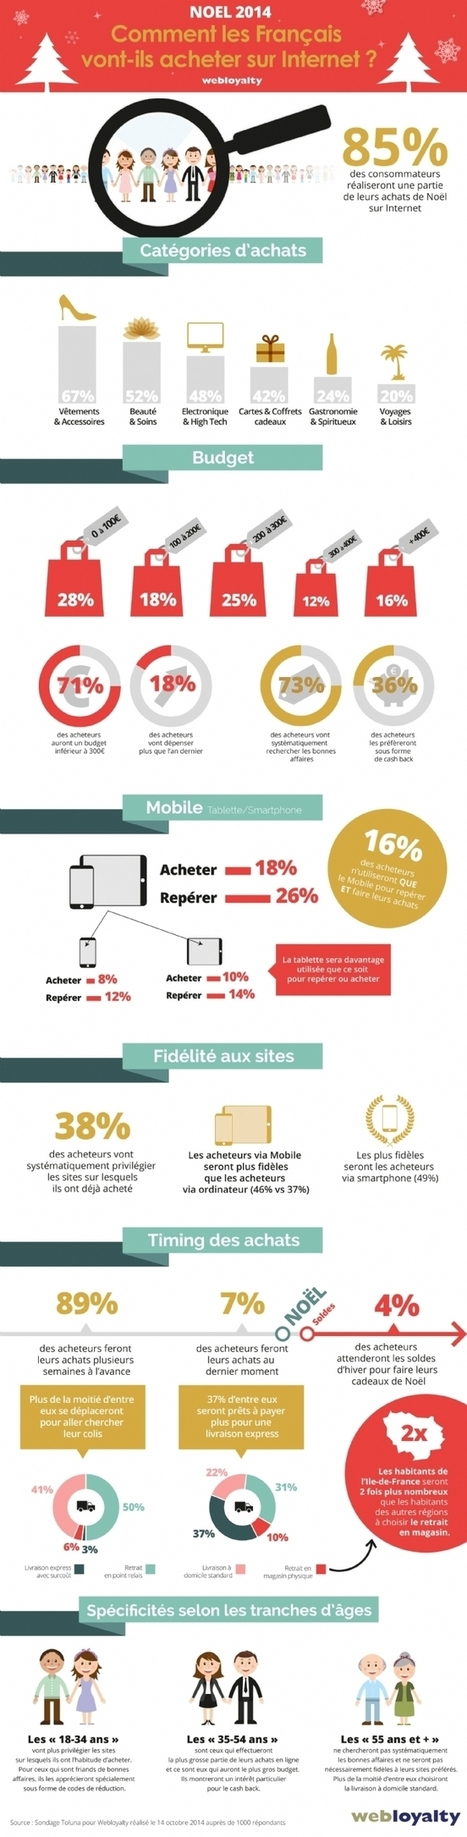 Noël : 85 % des Français font leurs achats sur Internet | Communication et webmarketing | Scoop.it